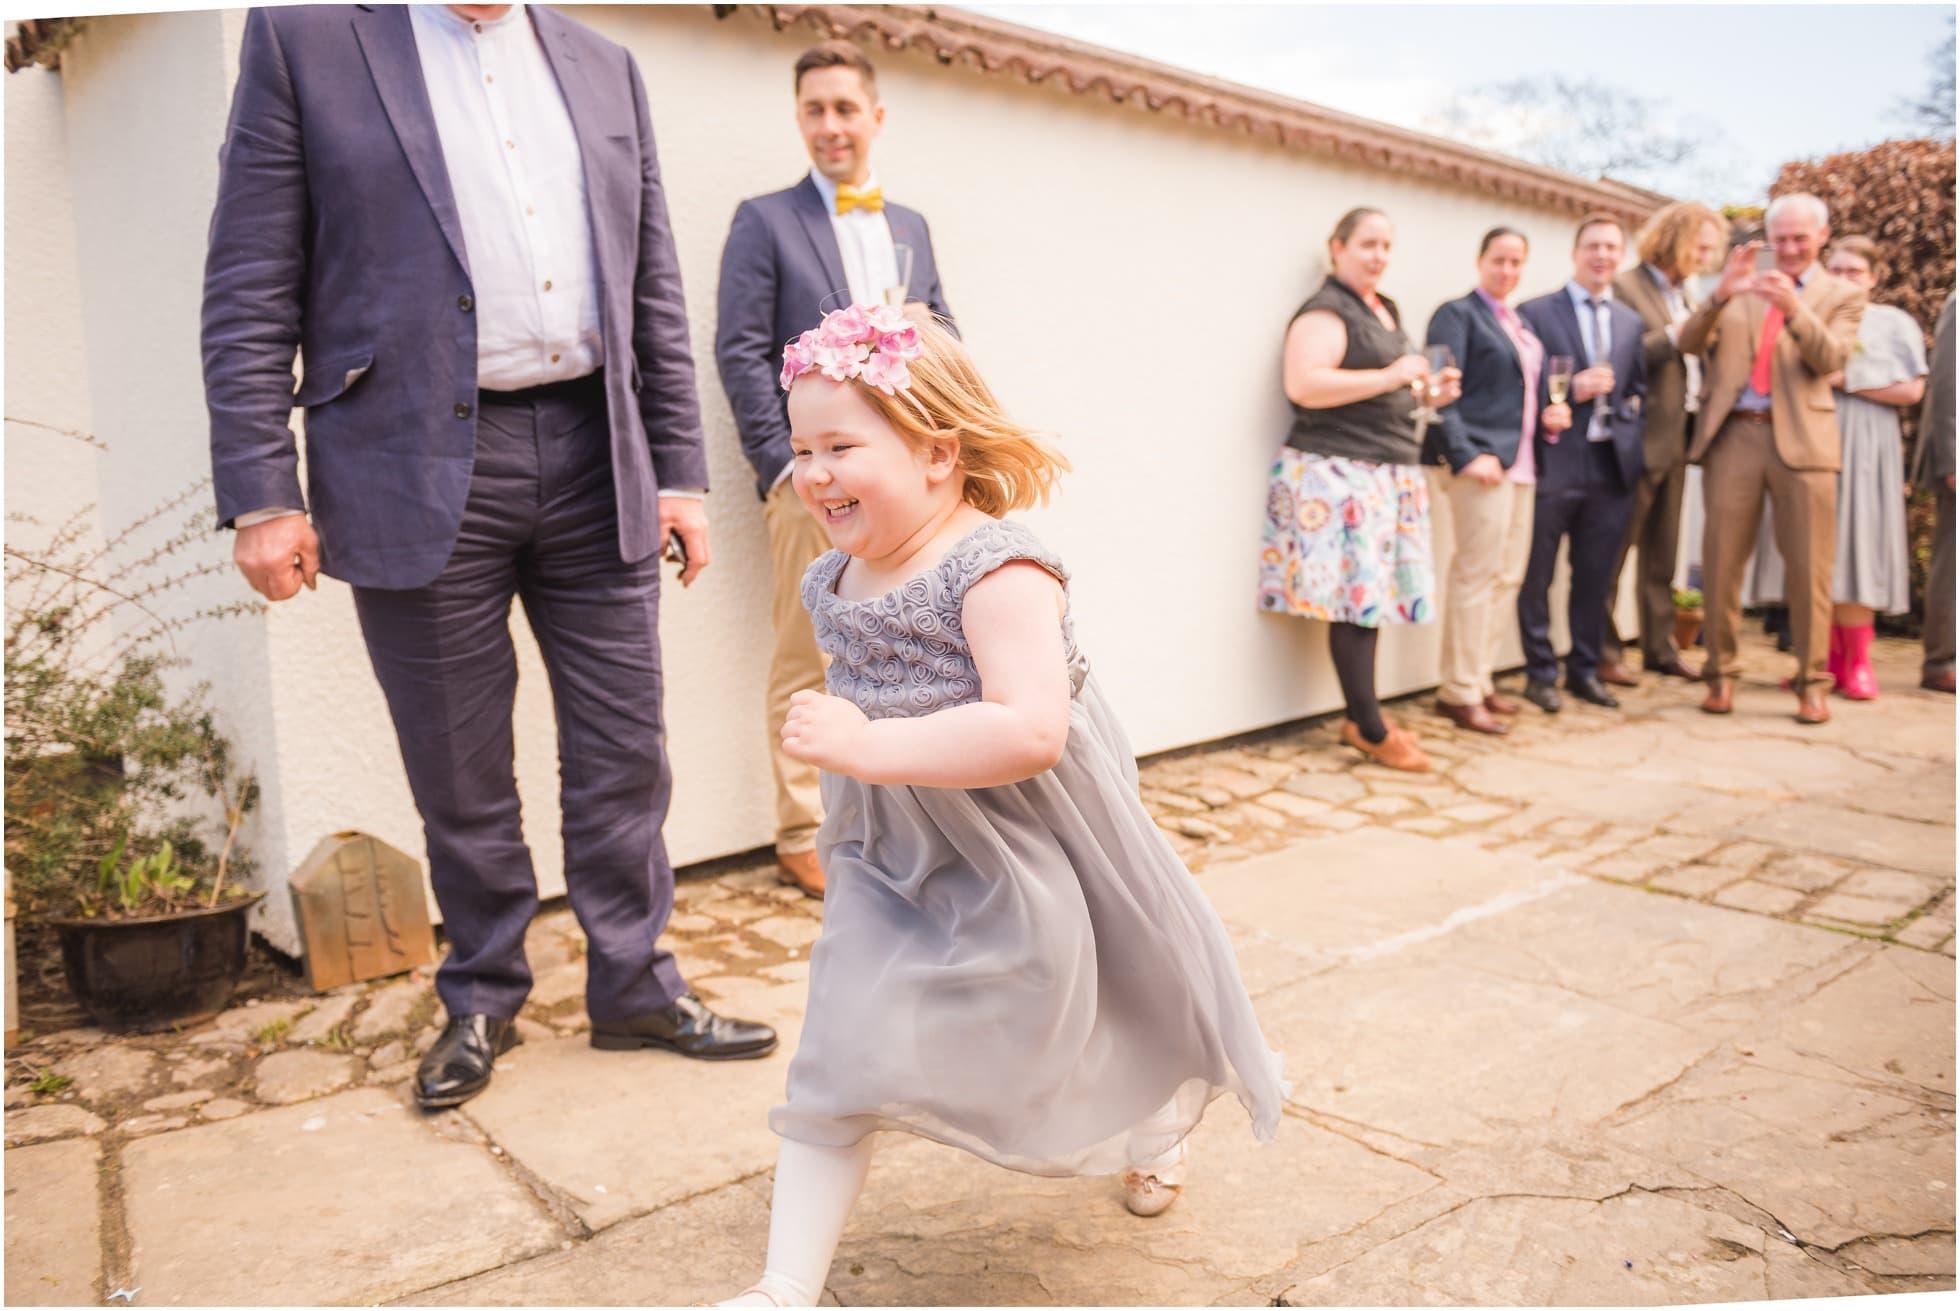 Run for the bride!